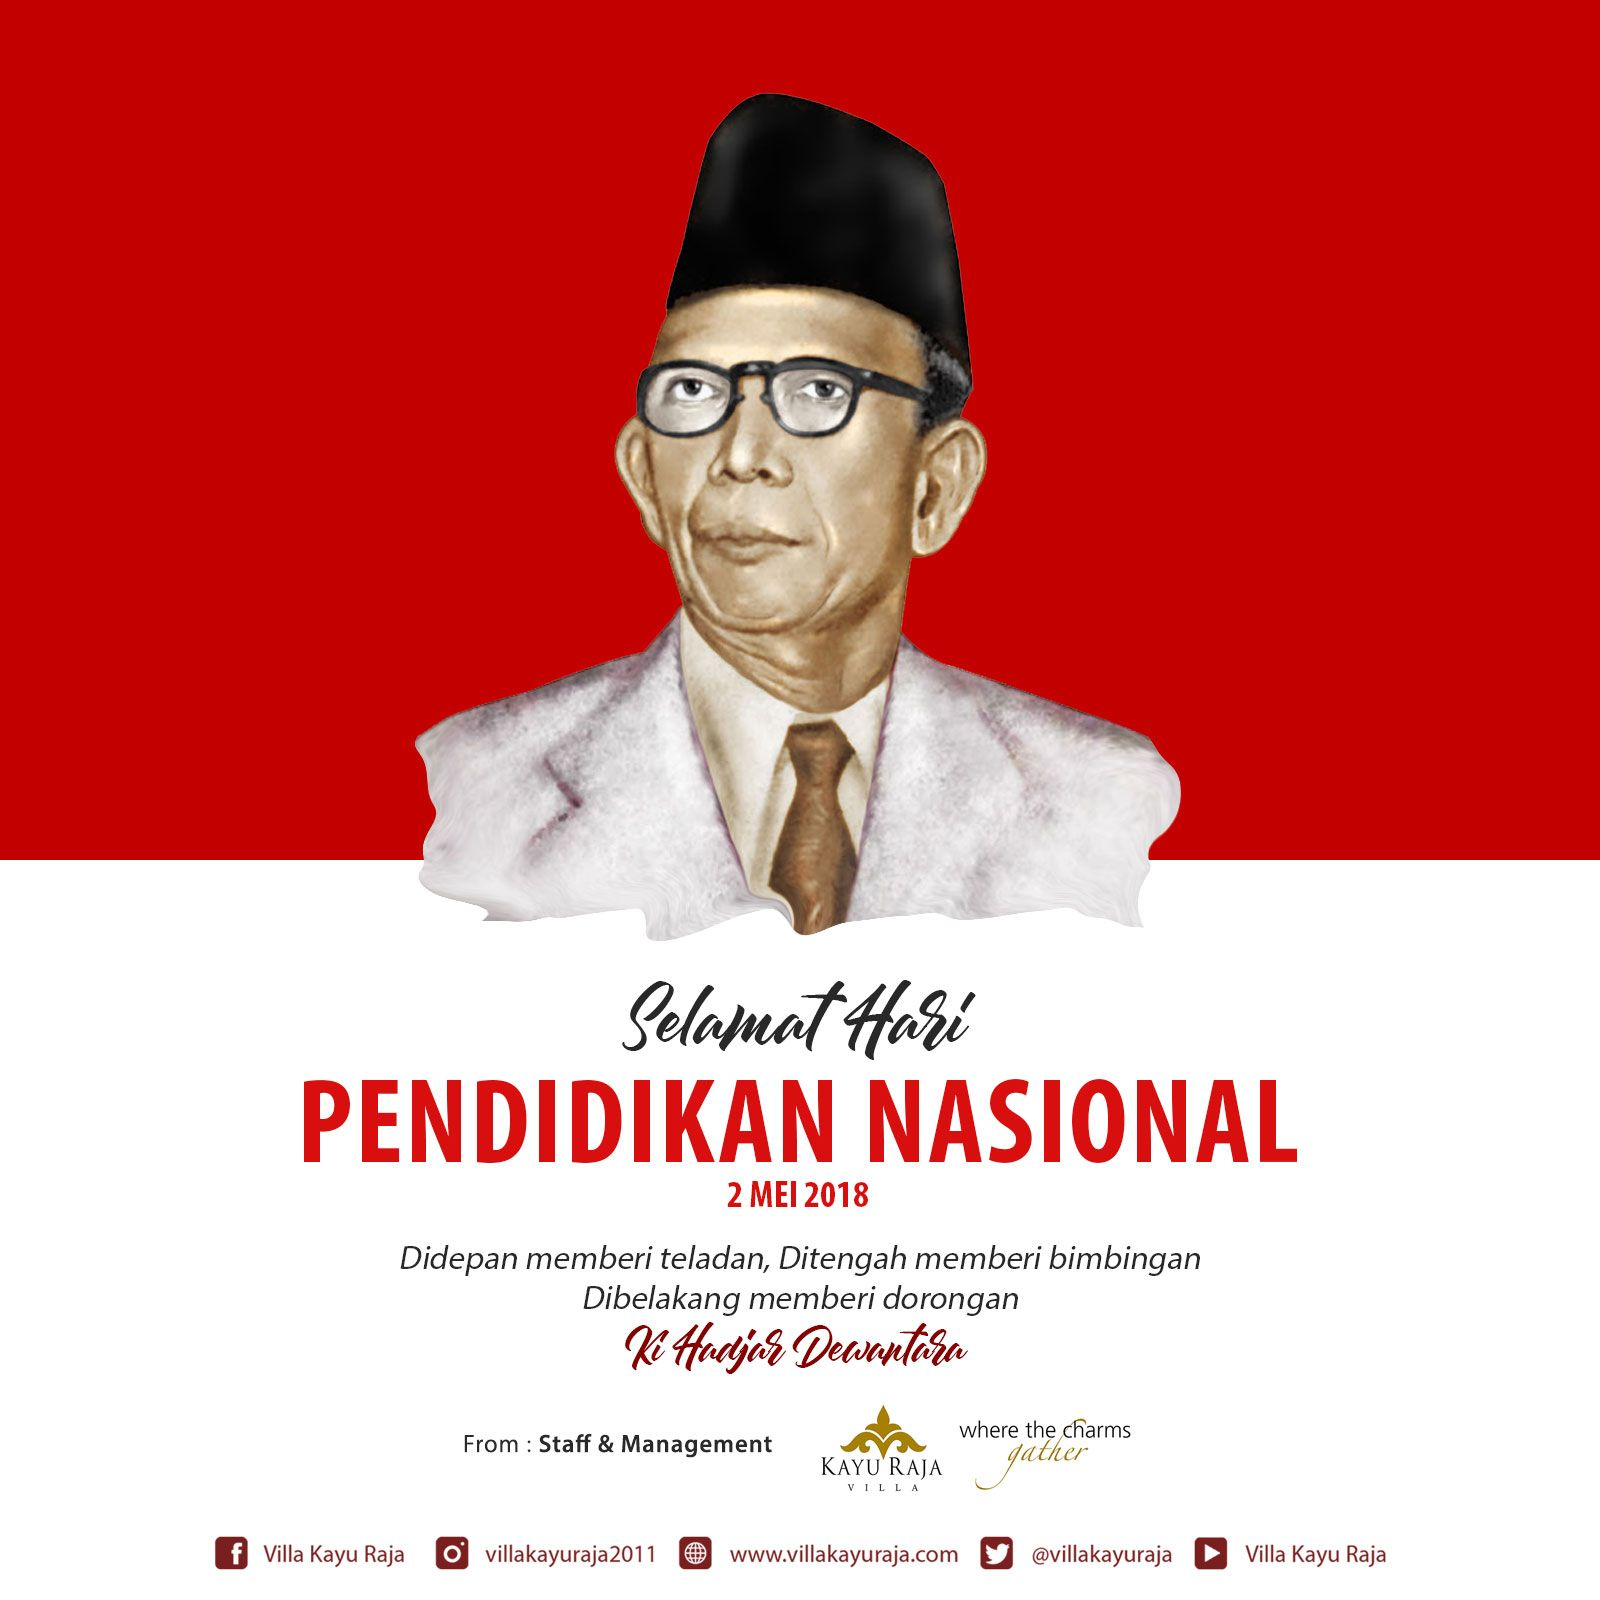 Selamat Hari Pendidikan Nasional 2 Mei 2018